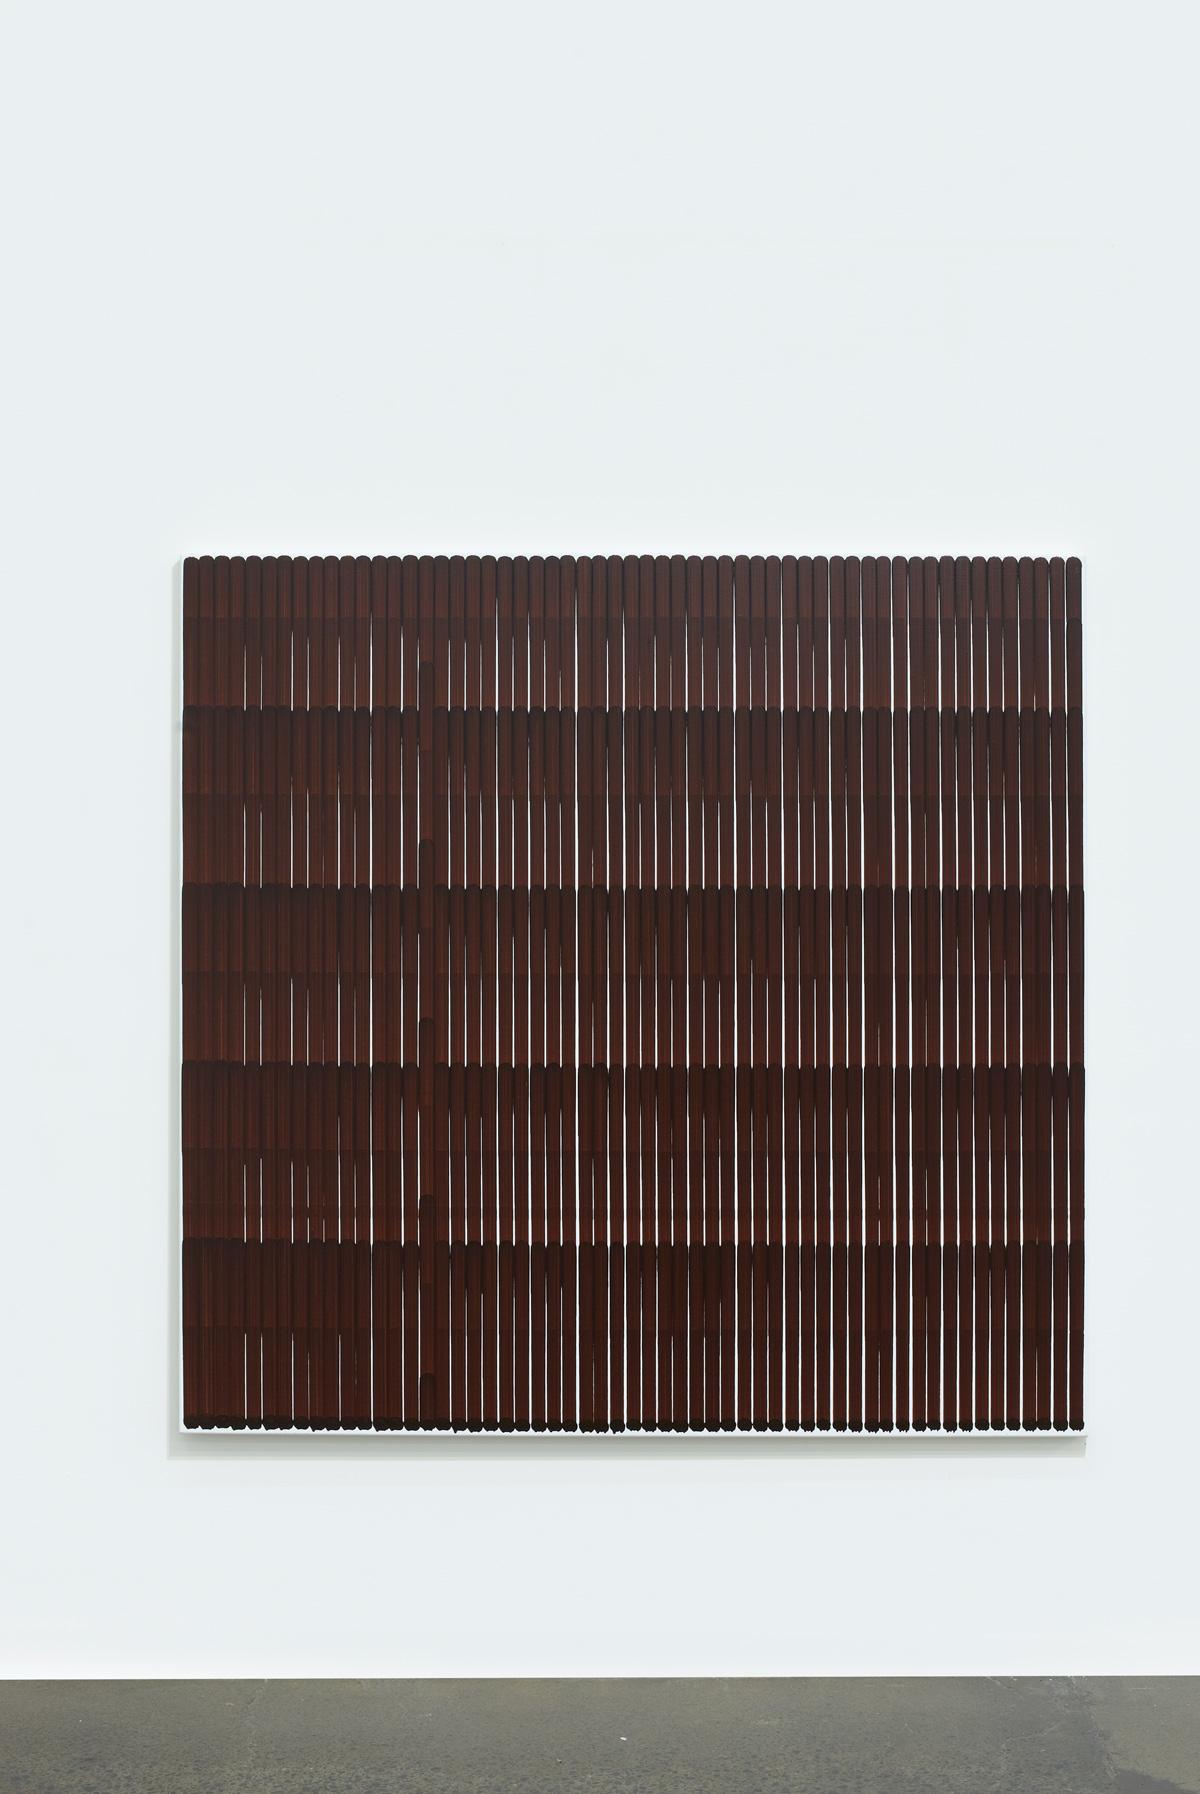 Ingram_Simon_Ebino_2011_oil-on-canvas_1700x1700mm_Gow-Langsf.jpg